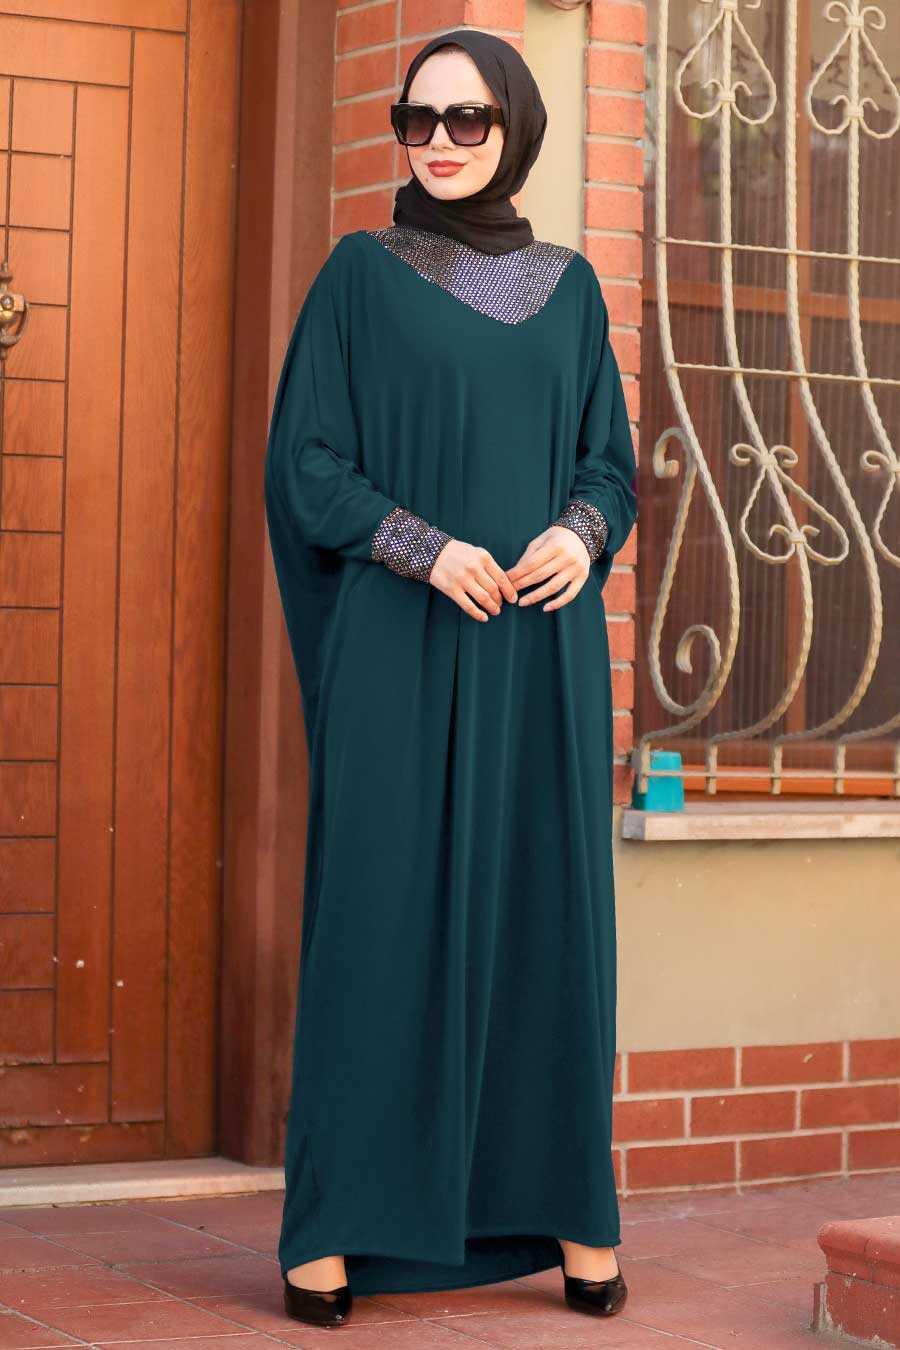 Petrol Green Hijab Dress 10560PY